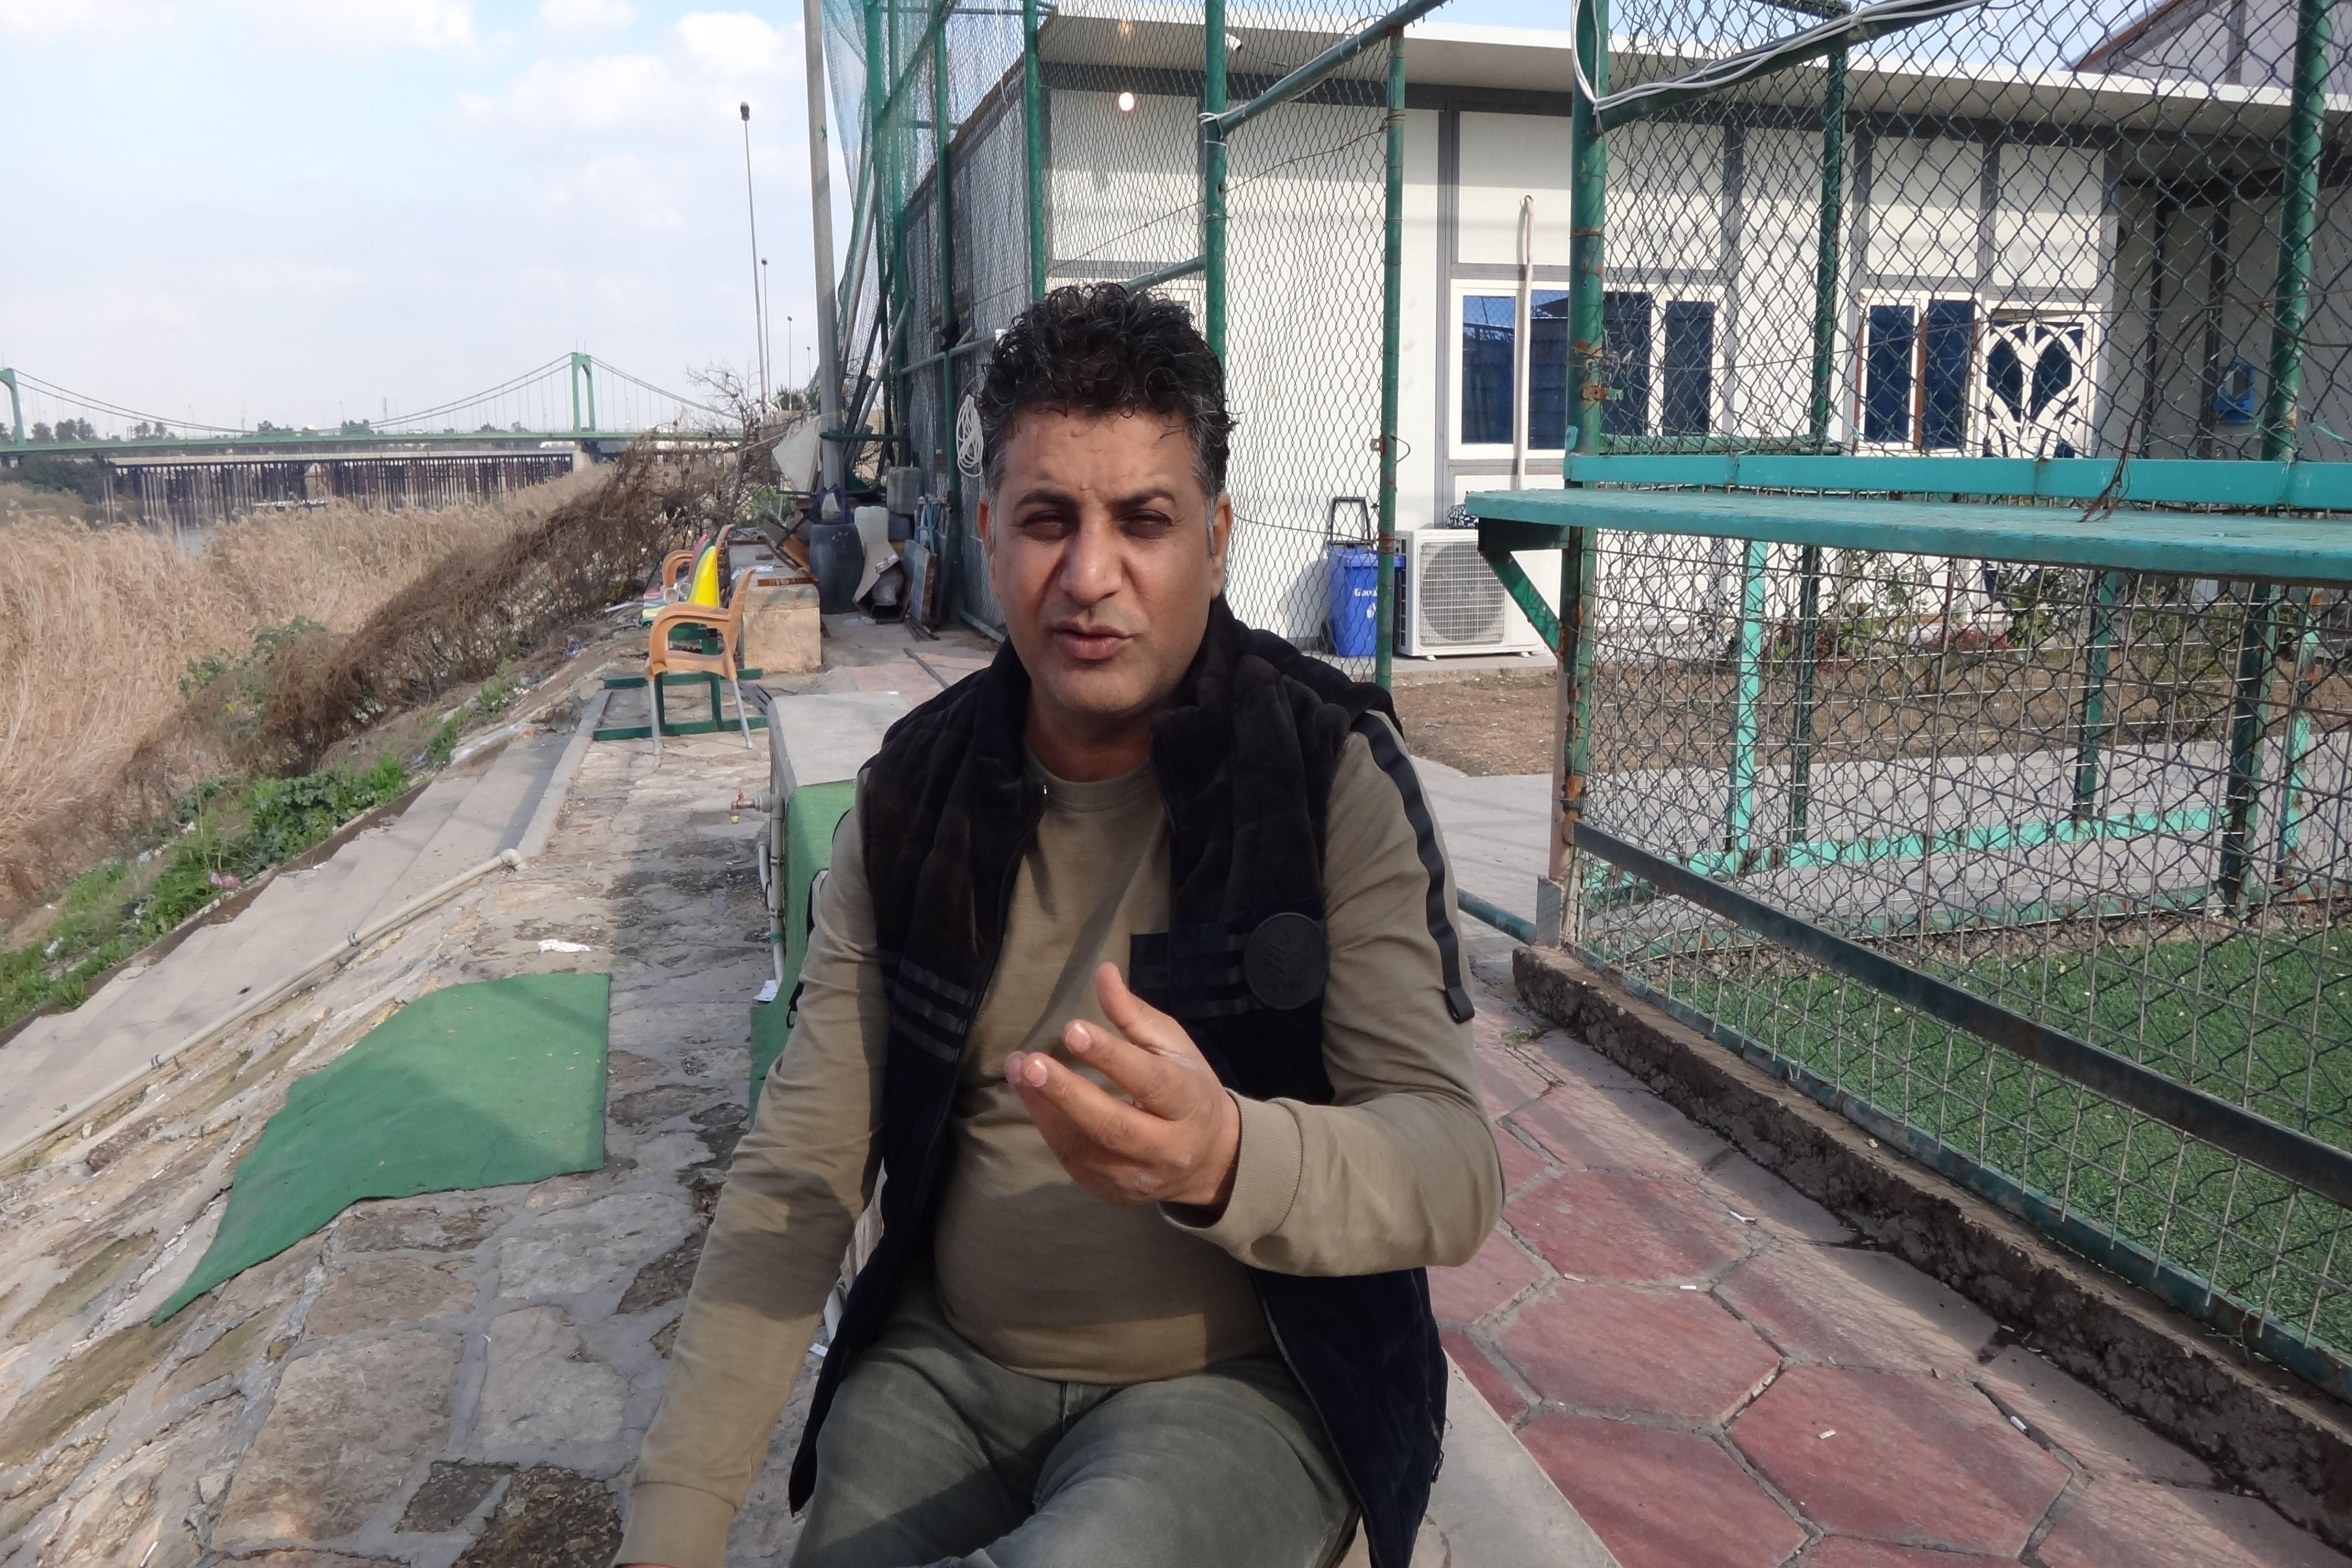 كان حسن يملك محل حلاقة في بغداد قبل هجرته إلى أوروبا (إندبندنت عربية)